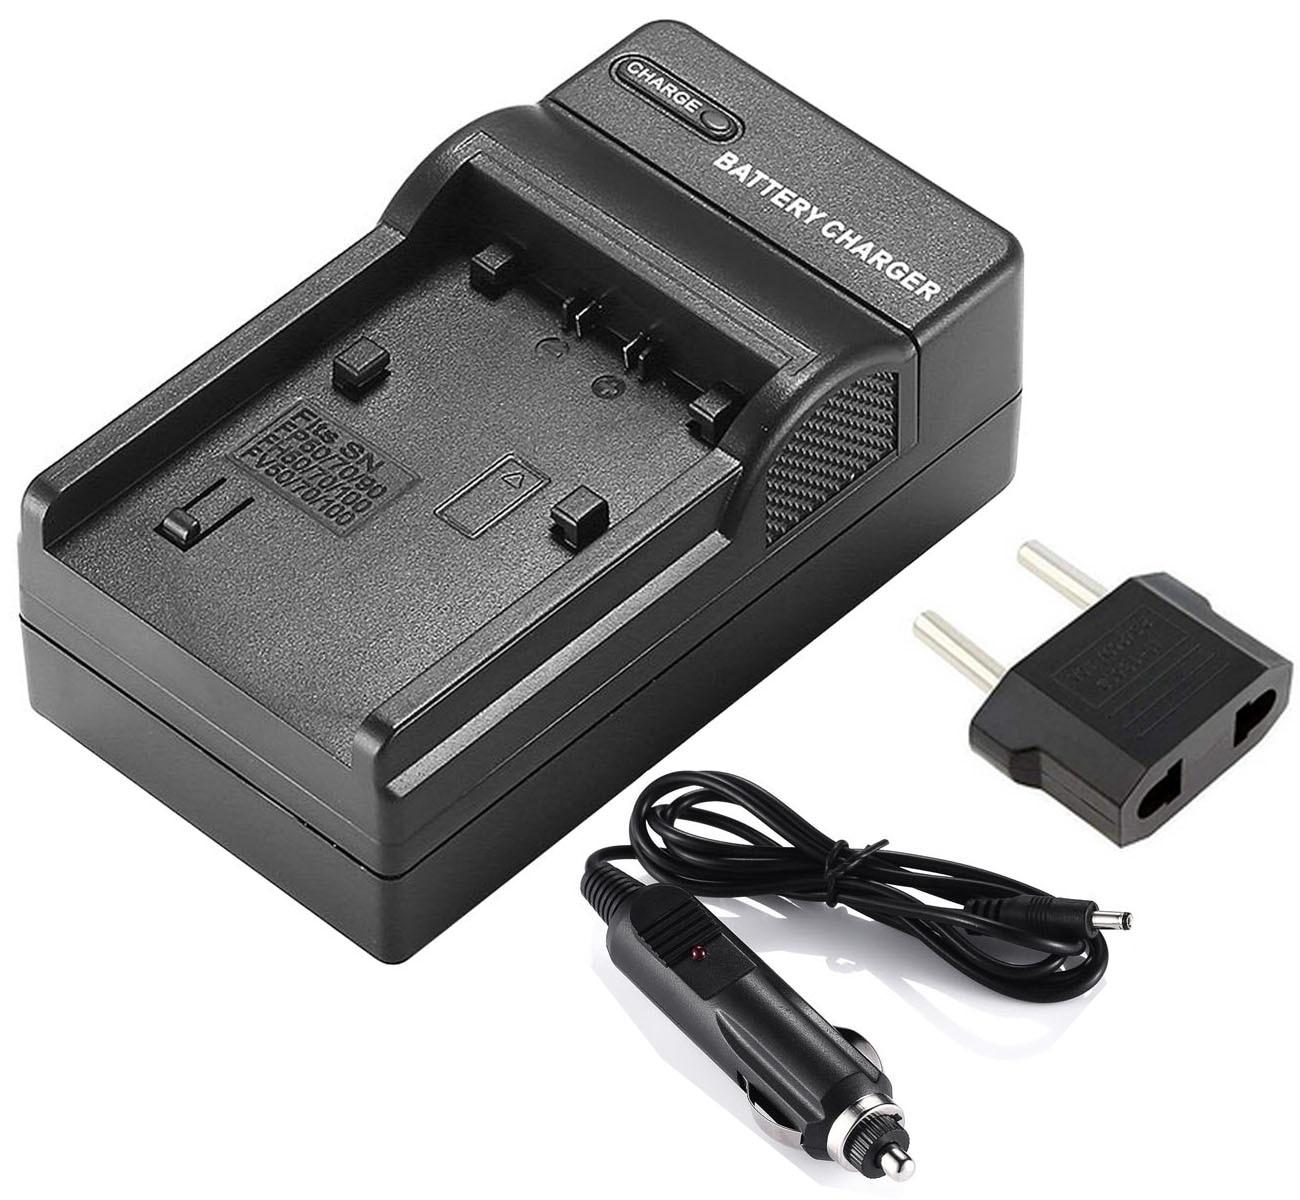 Batería BATTERY para Sony hdr-ux20//e hdr-xr100 dsc-hx200v dsc-hx200v